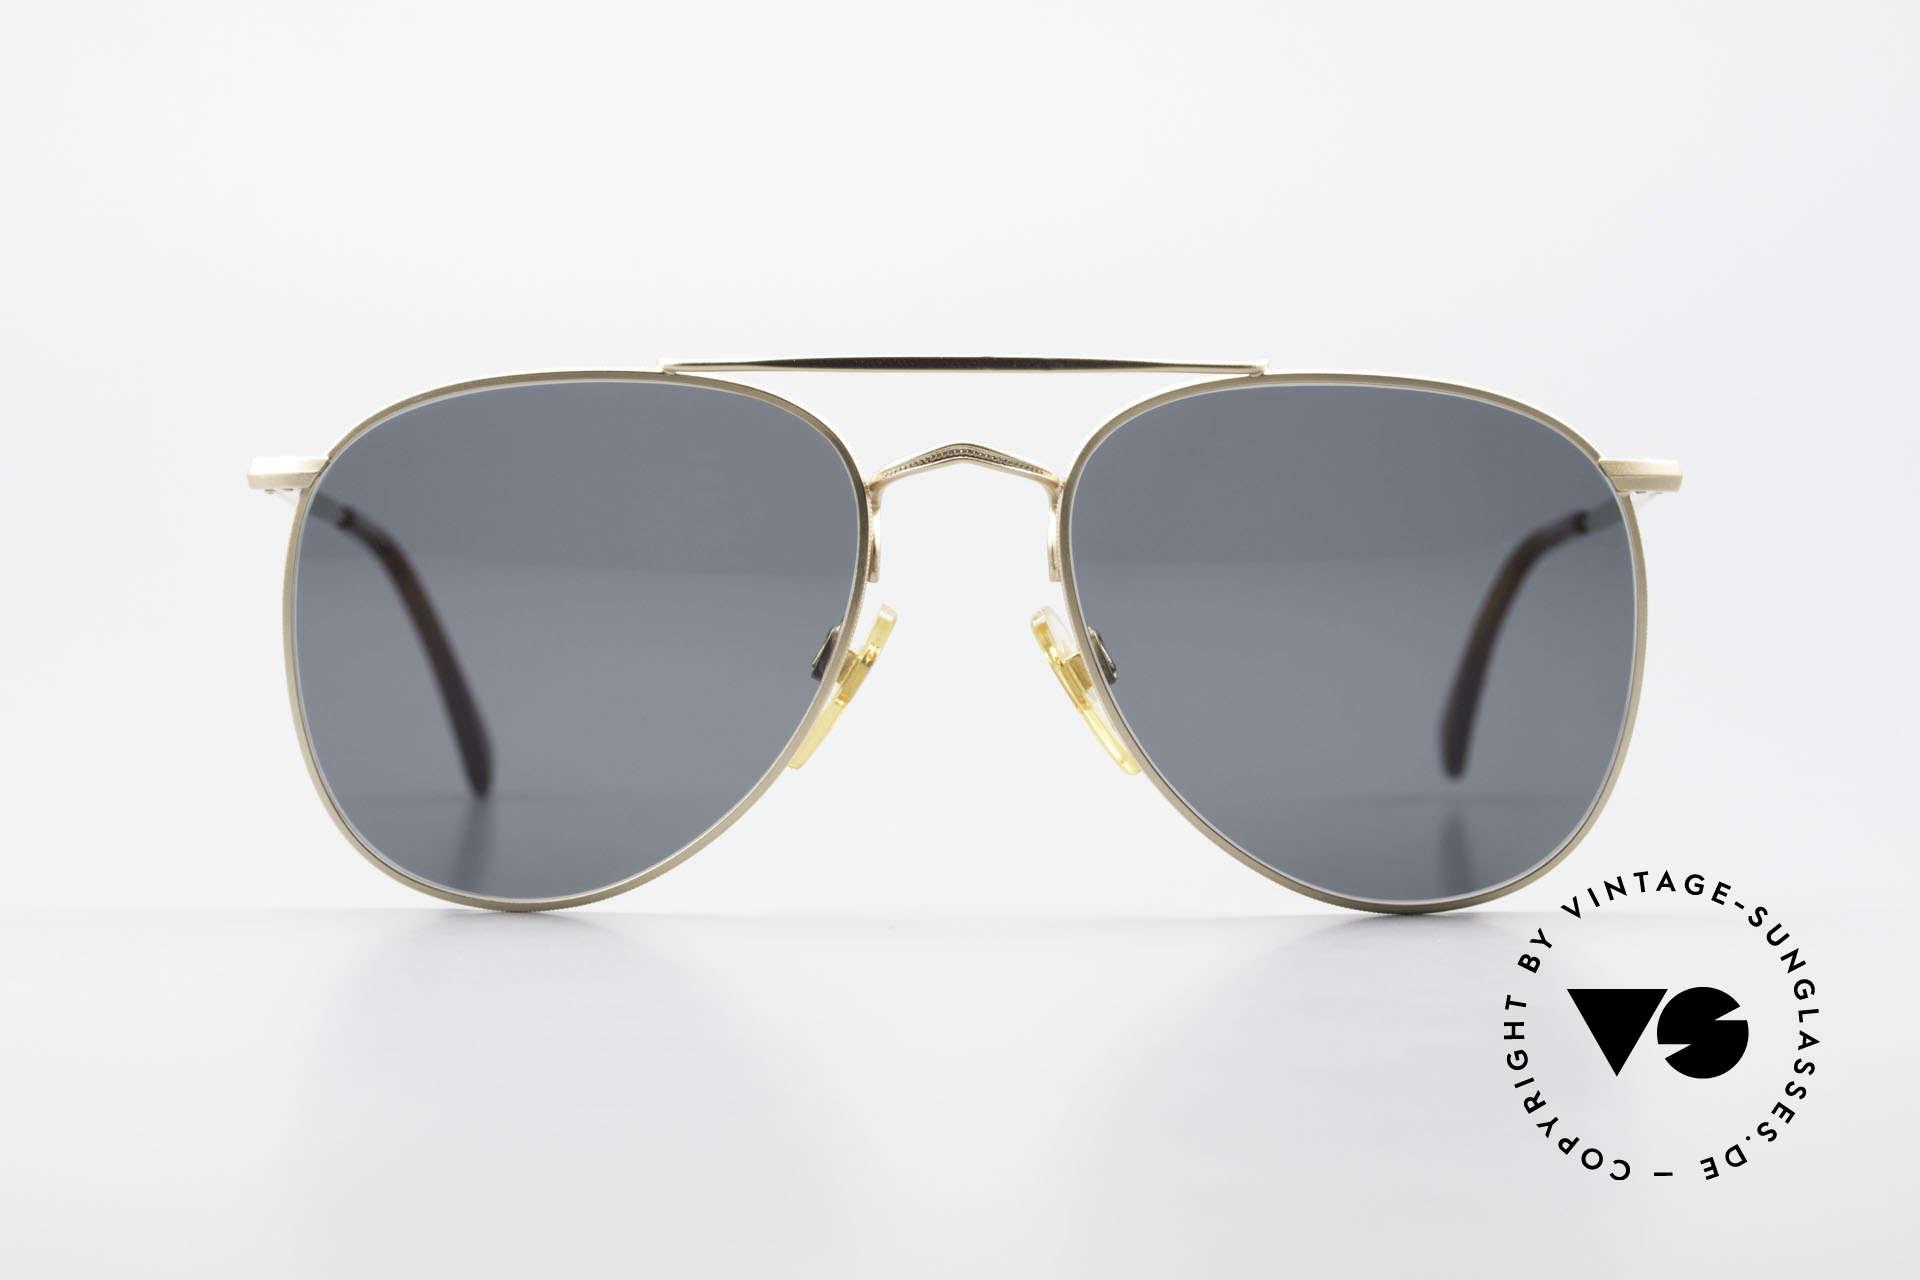 Giorgio Armani 149 Kleine Aviator Sonnenbrille, vintage Sonnenbrille vom Modedesigner G.Armani, Passend für Herren und Damen